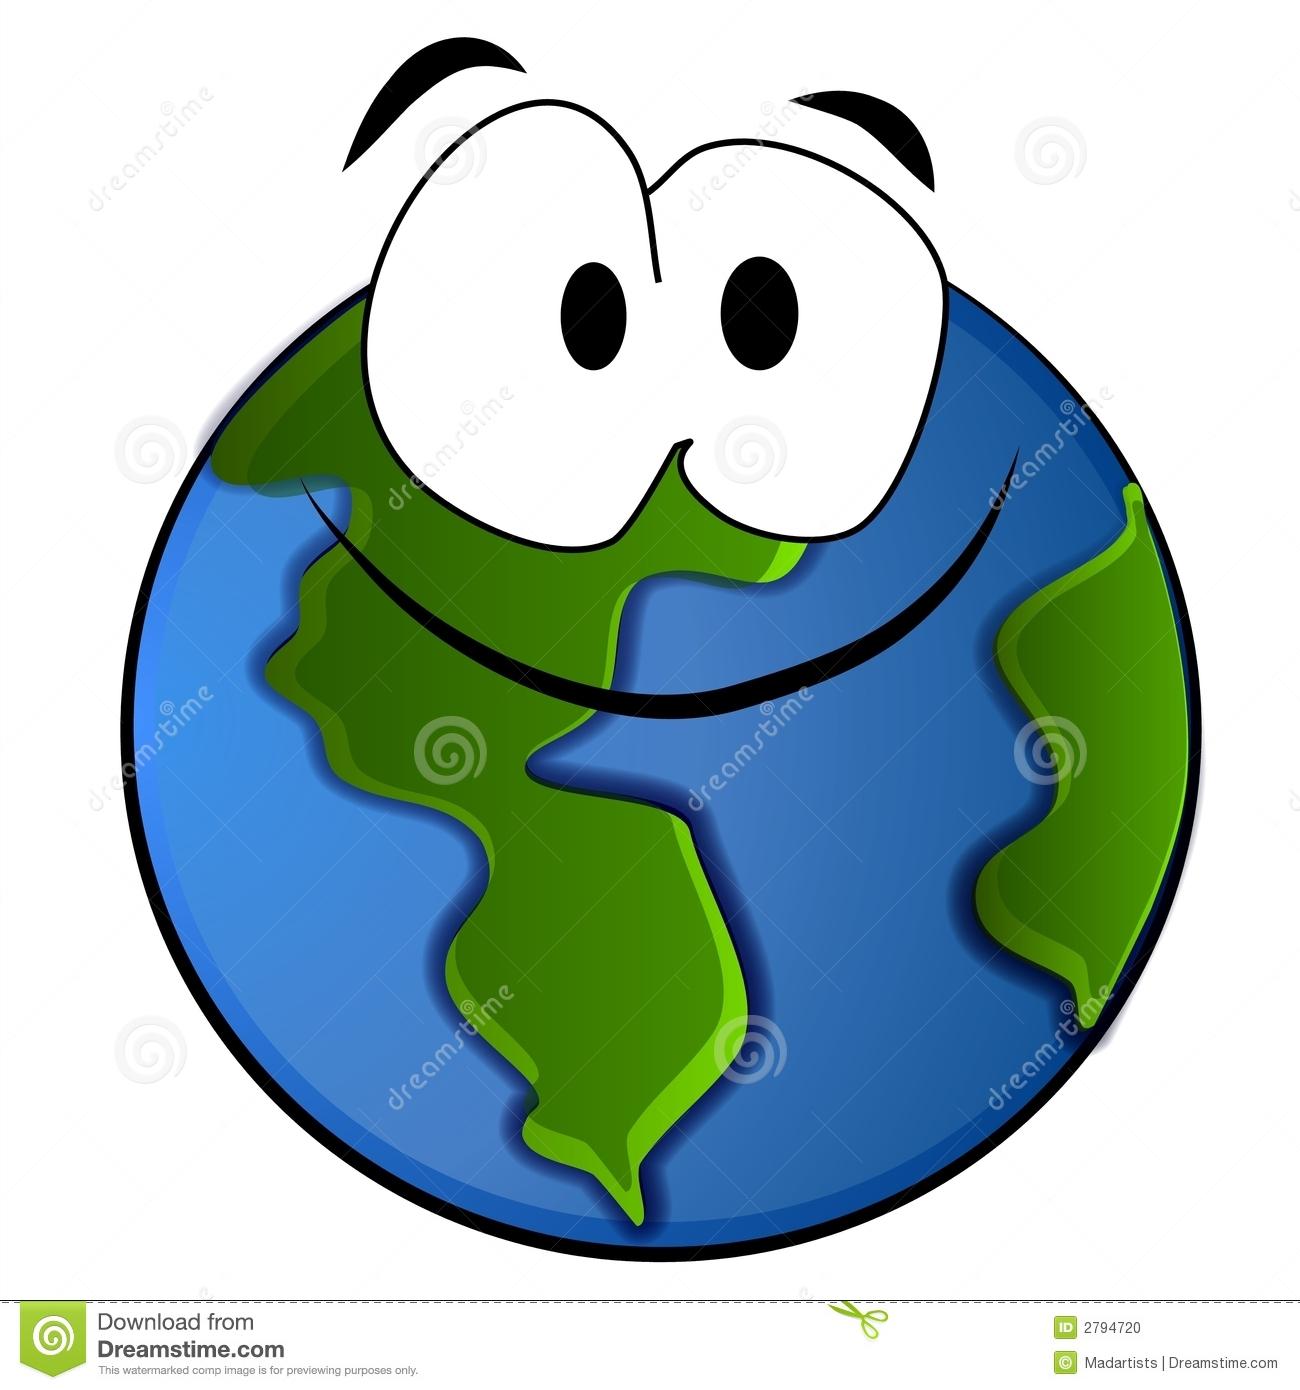 Dessin Animé De Sourire De La Terre De Planète Illustration encequiconcerne Image De La Terre Dessin